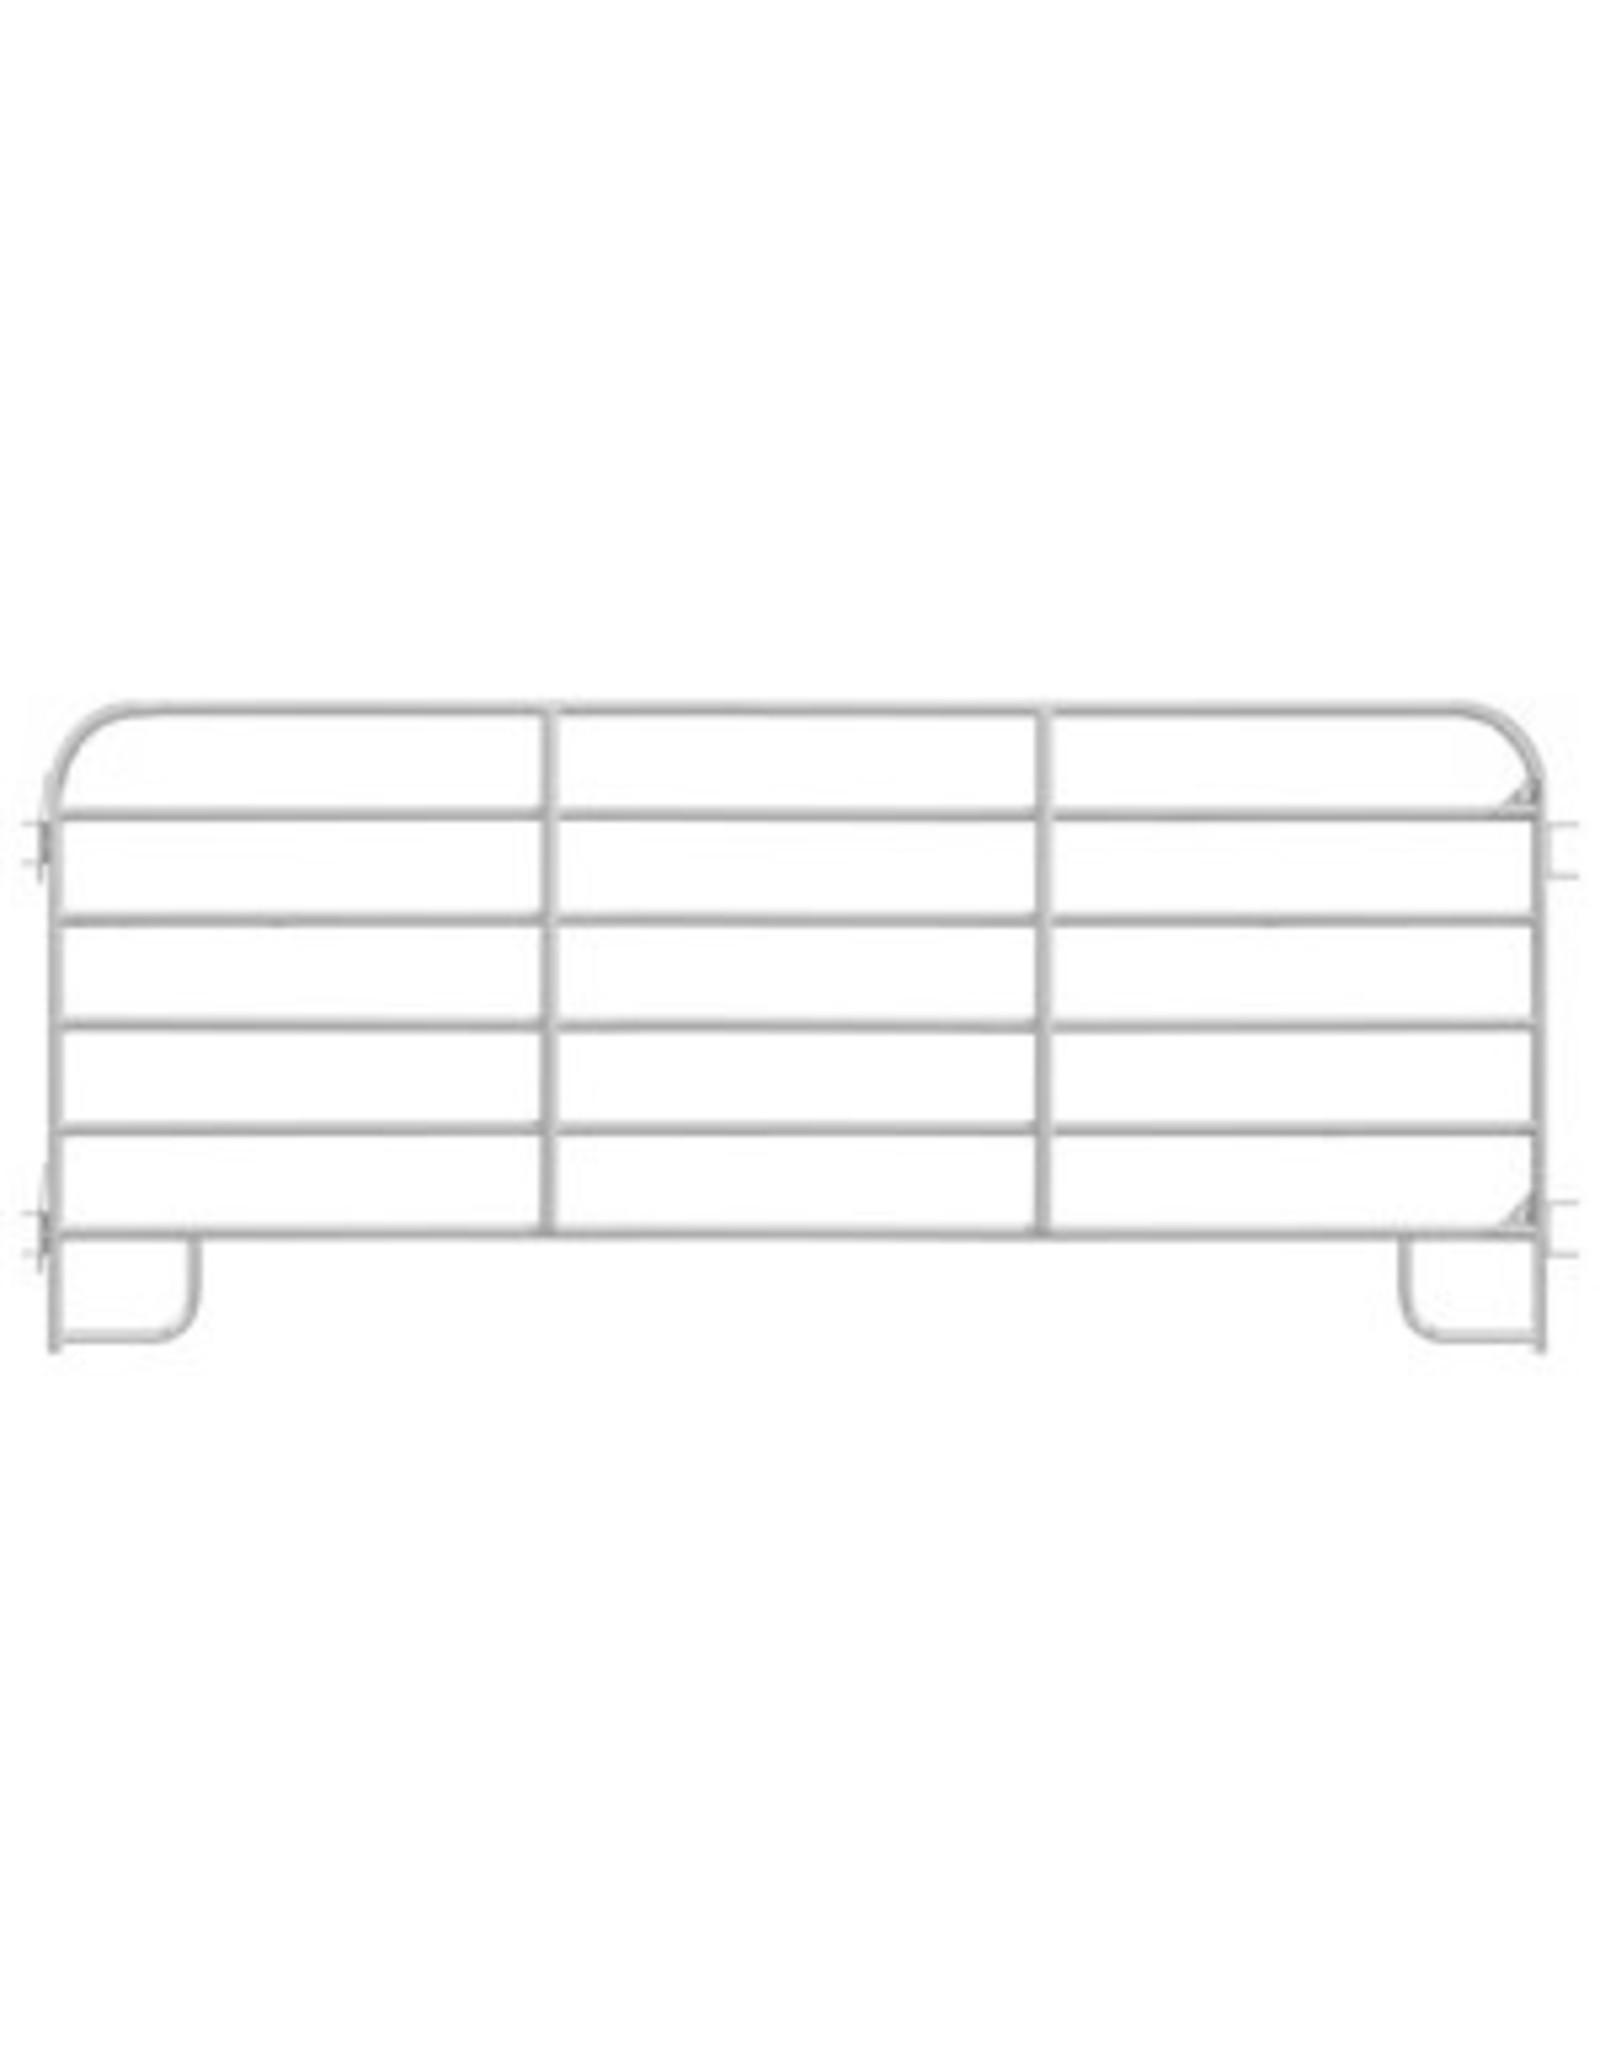 Galvanized Corral Panel, 12